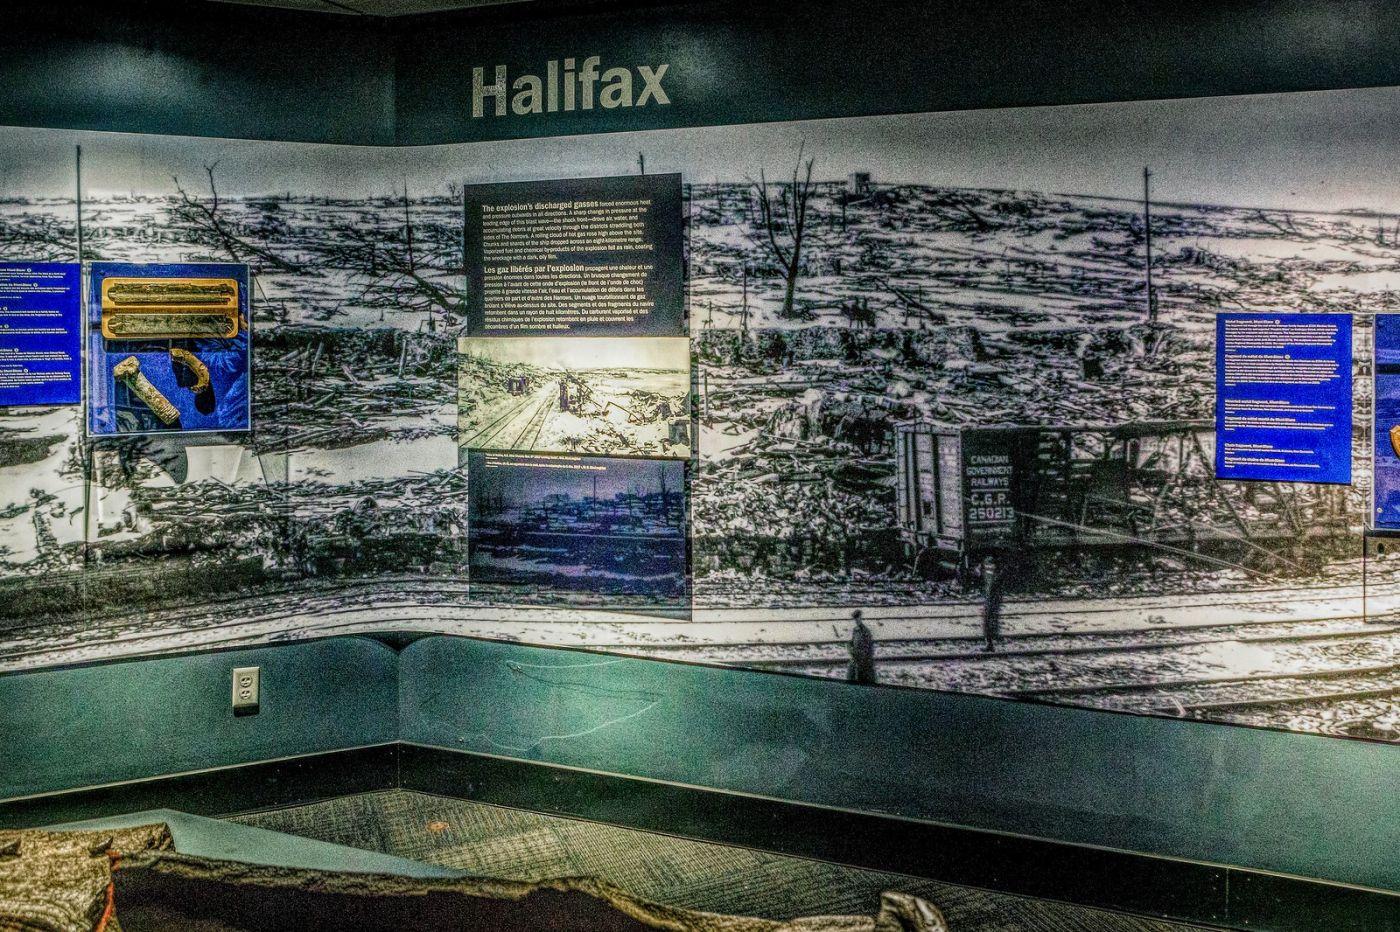 加拿大Halifax大西洋海事博物馆,展品丰富_图1-24